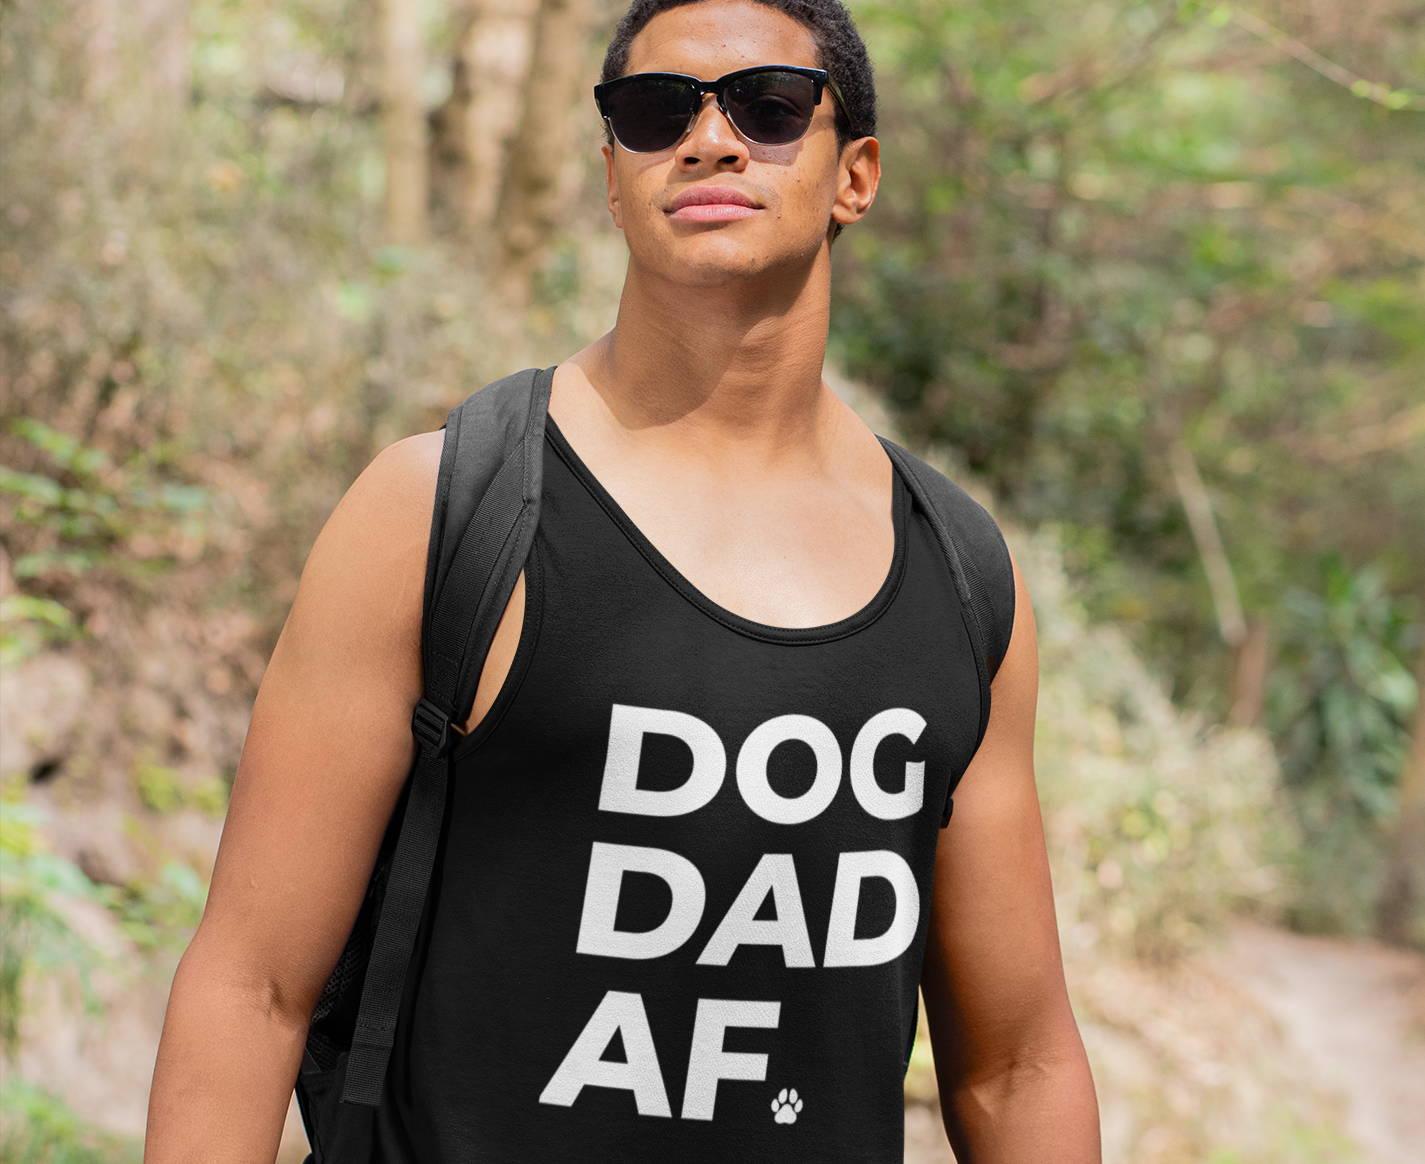 dog dad af